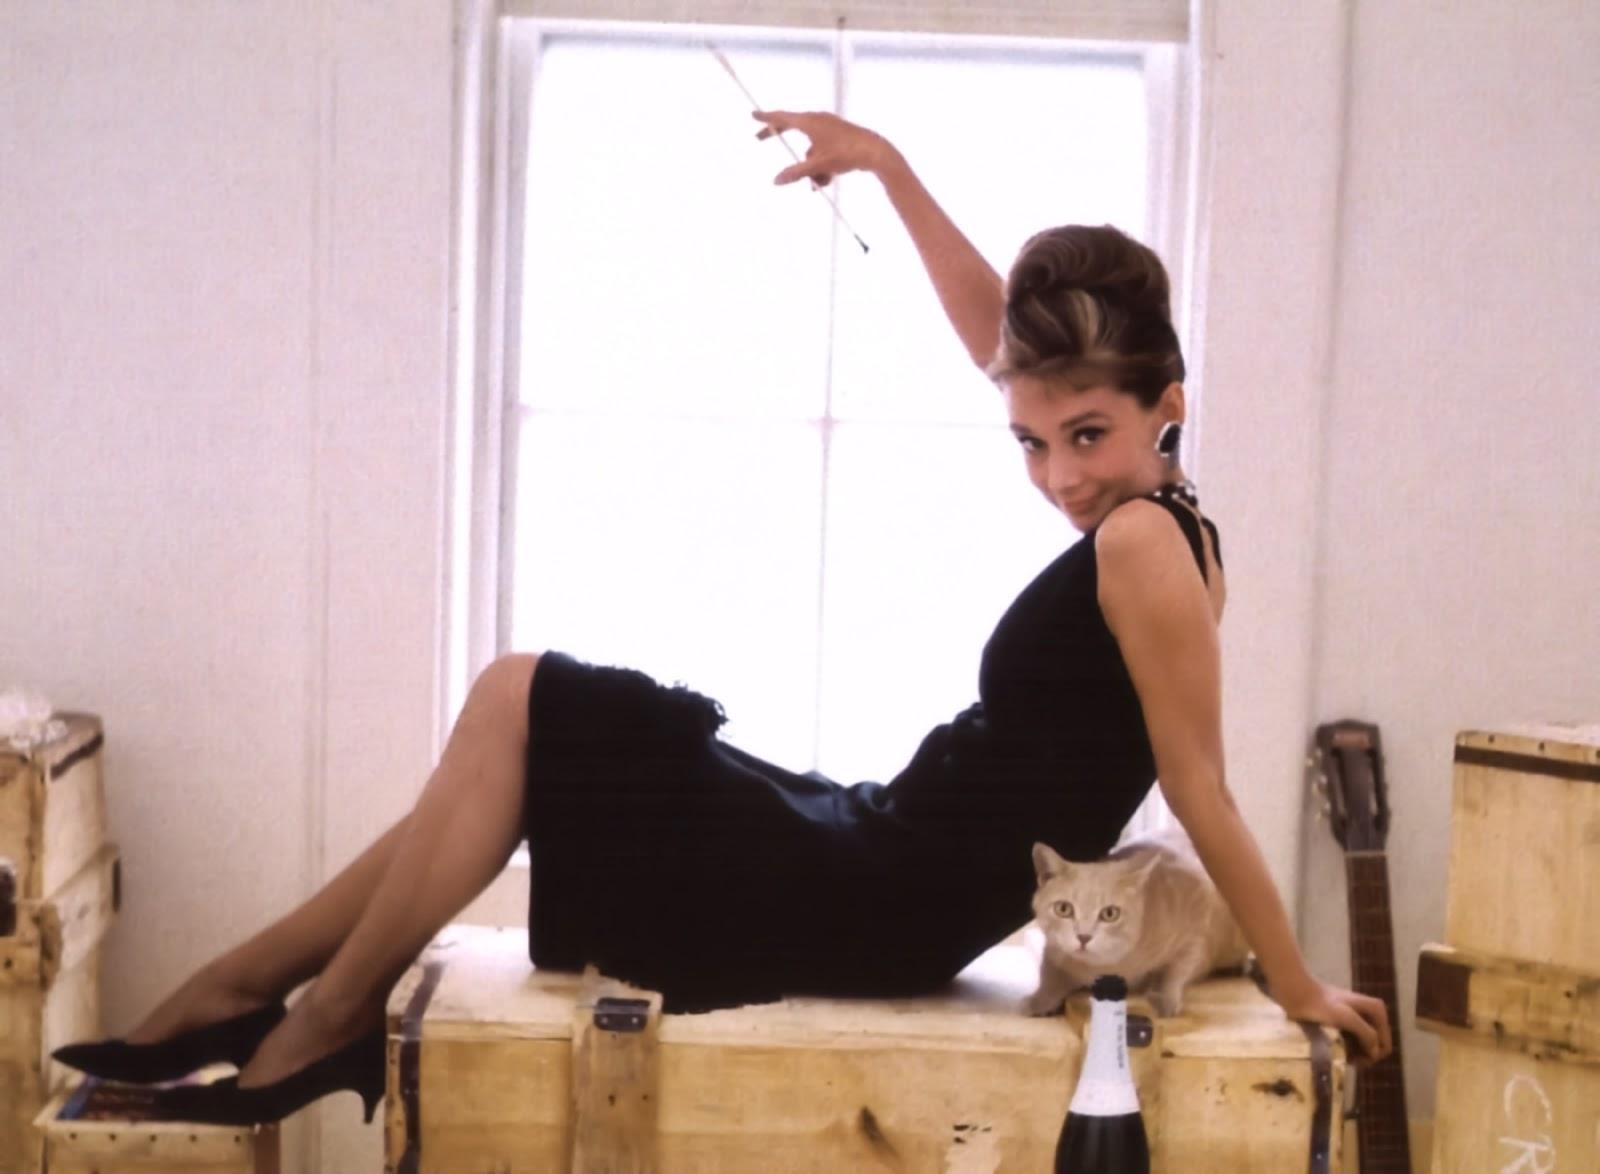 http://1.bp.blogspot.com/-JFaSNjyEeas/T8gm2-k8PNI/AAAAAAAAANE/ogsryGFFQt0/s1600/Hepburn,+Audrey.jpg